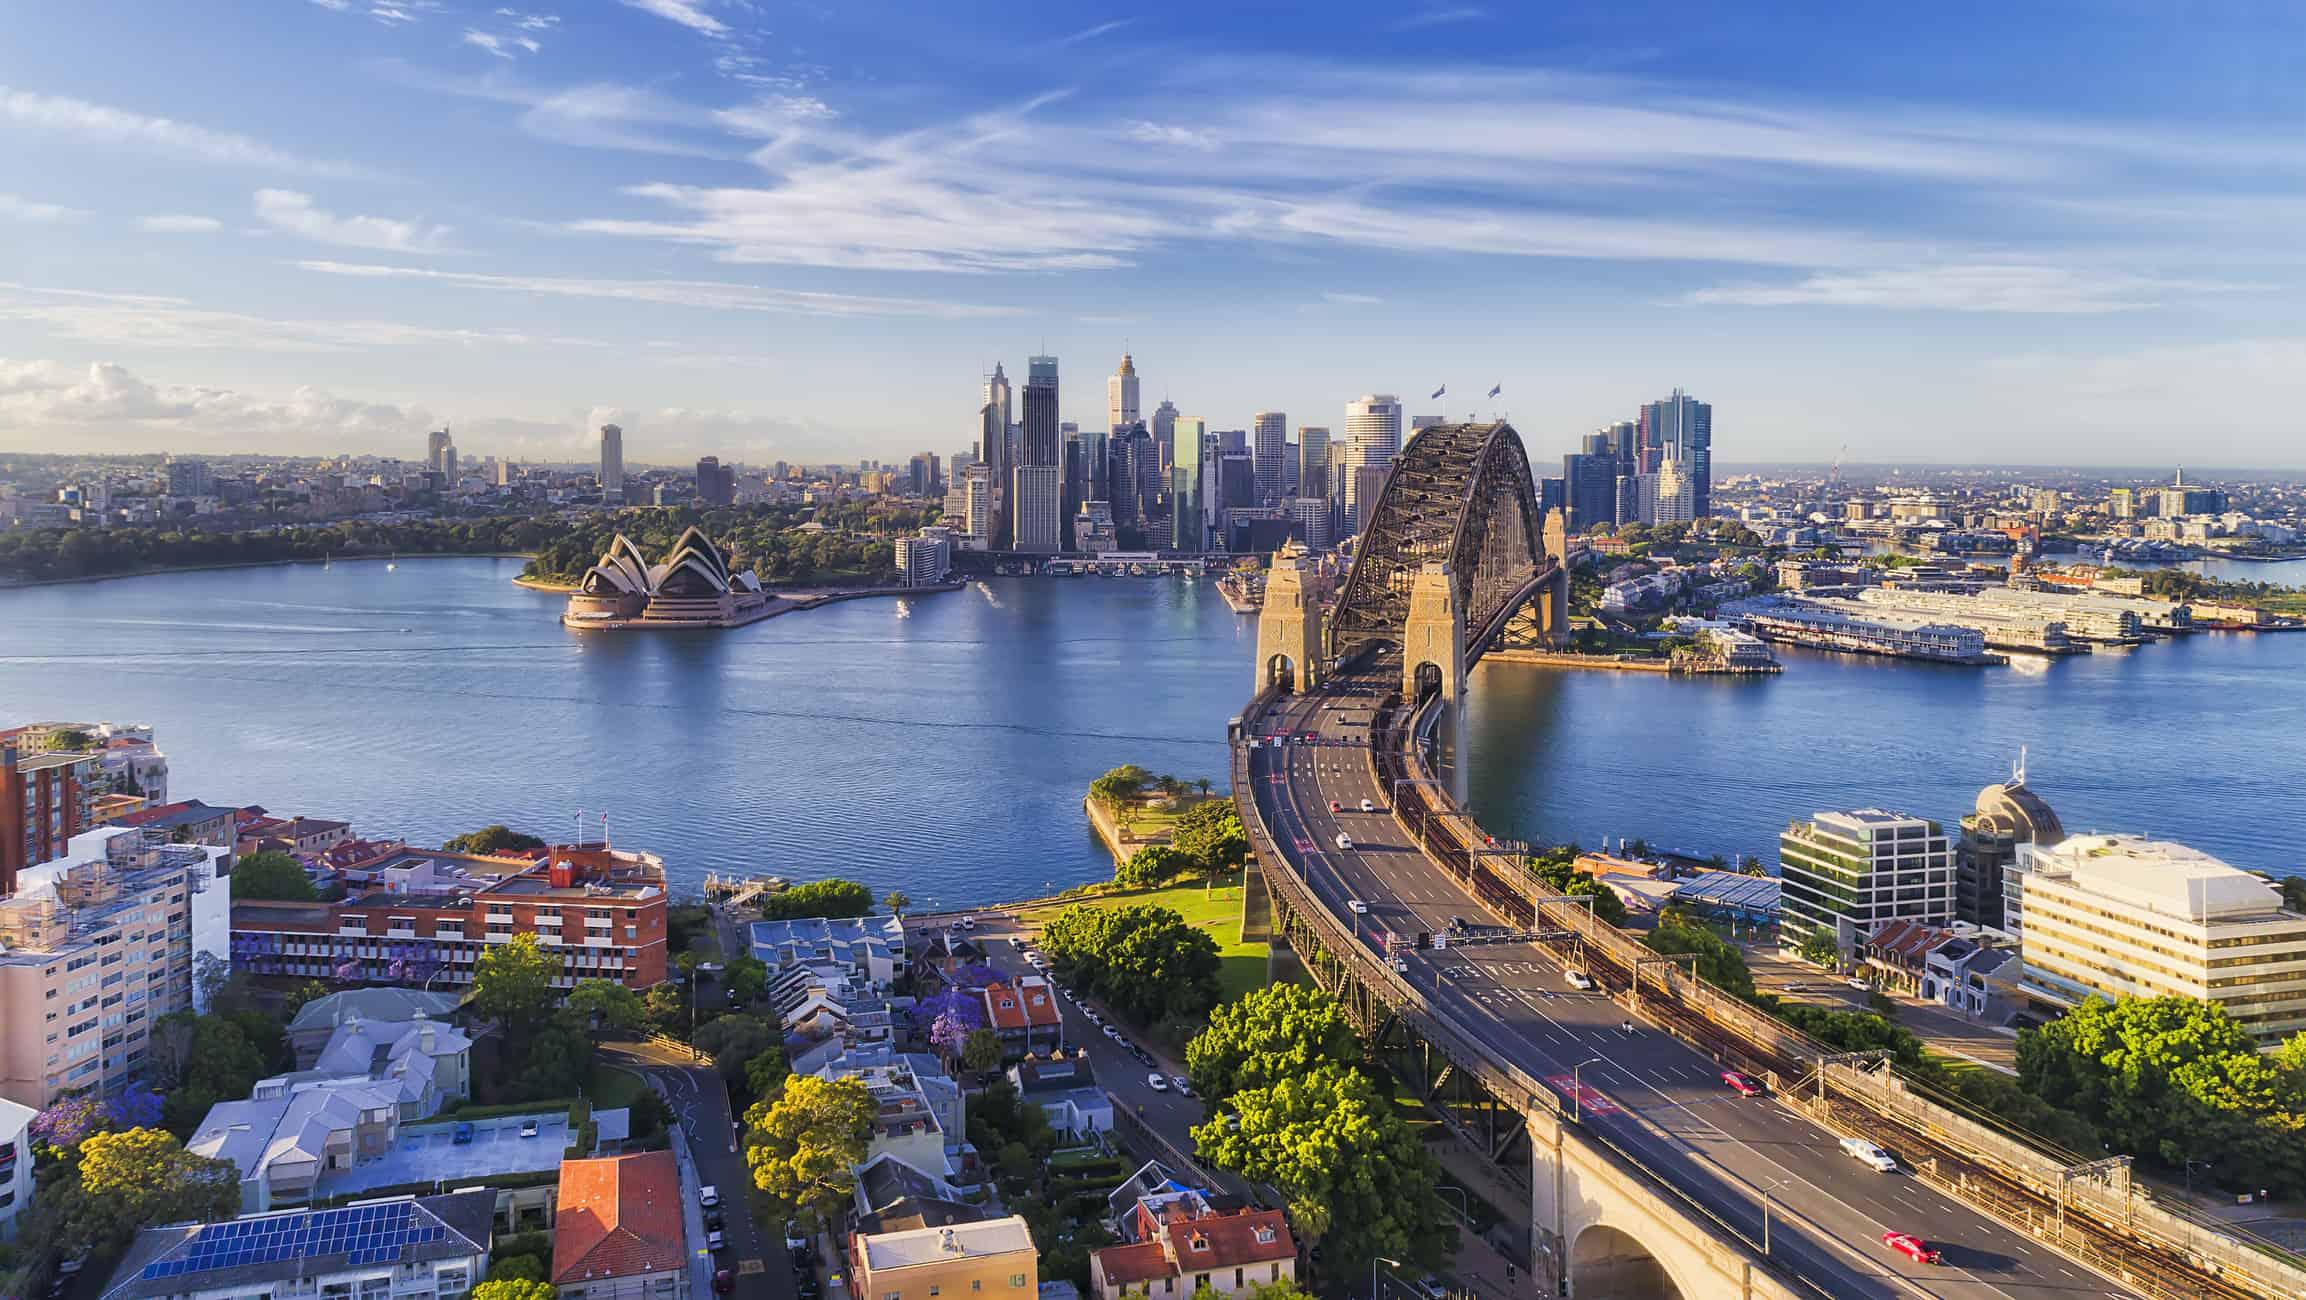 Udsigt over Sydney med Sydney Harbour Bridge i Australien